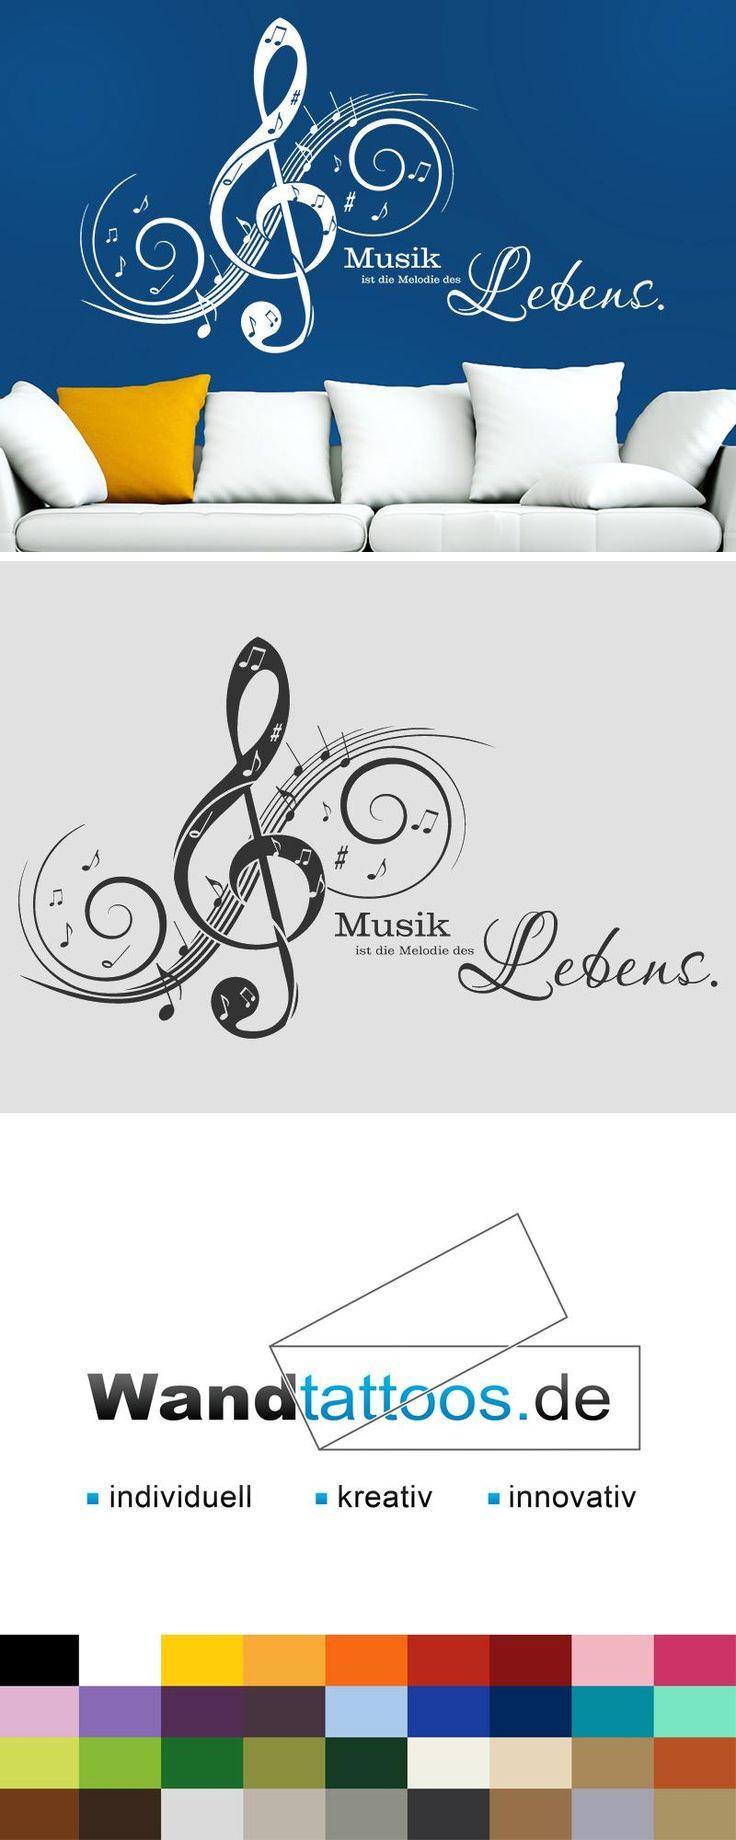 Wandtattoo Musik ist die Melodie... als Idee zur individuellen Wandgestaltung. Einfach Lieblingsfarbe und Größe auswählen. Weitere kreative Anregungen von Wandtattoos.de hier entdecken!